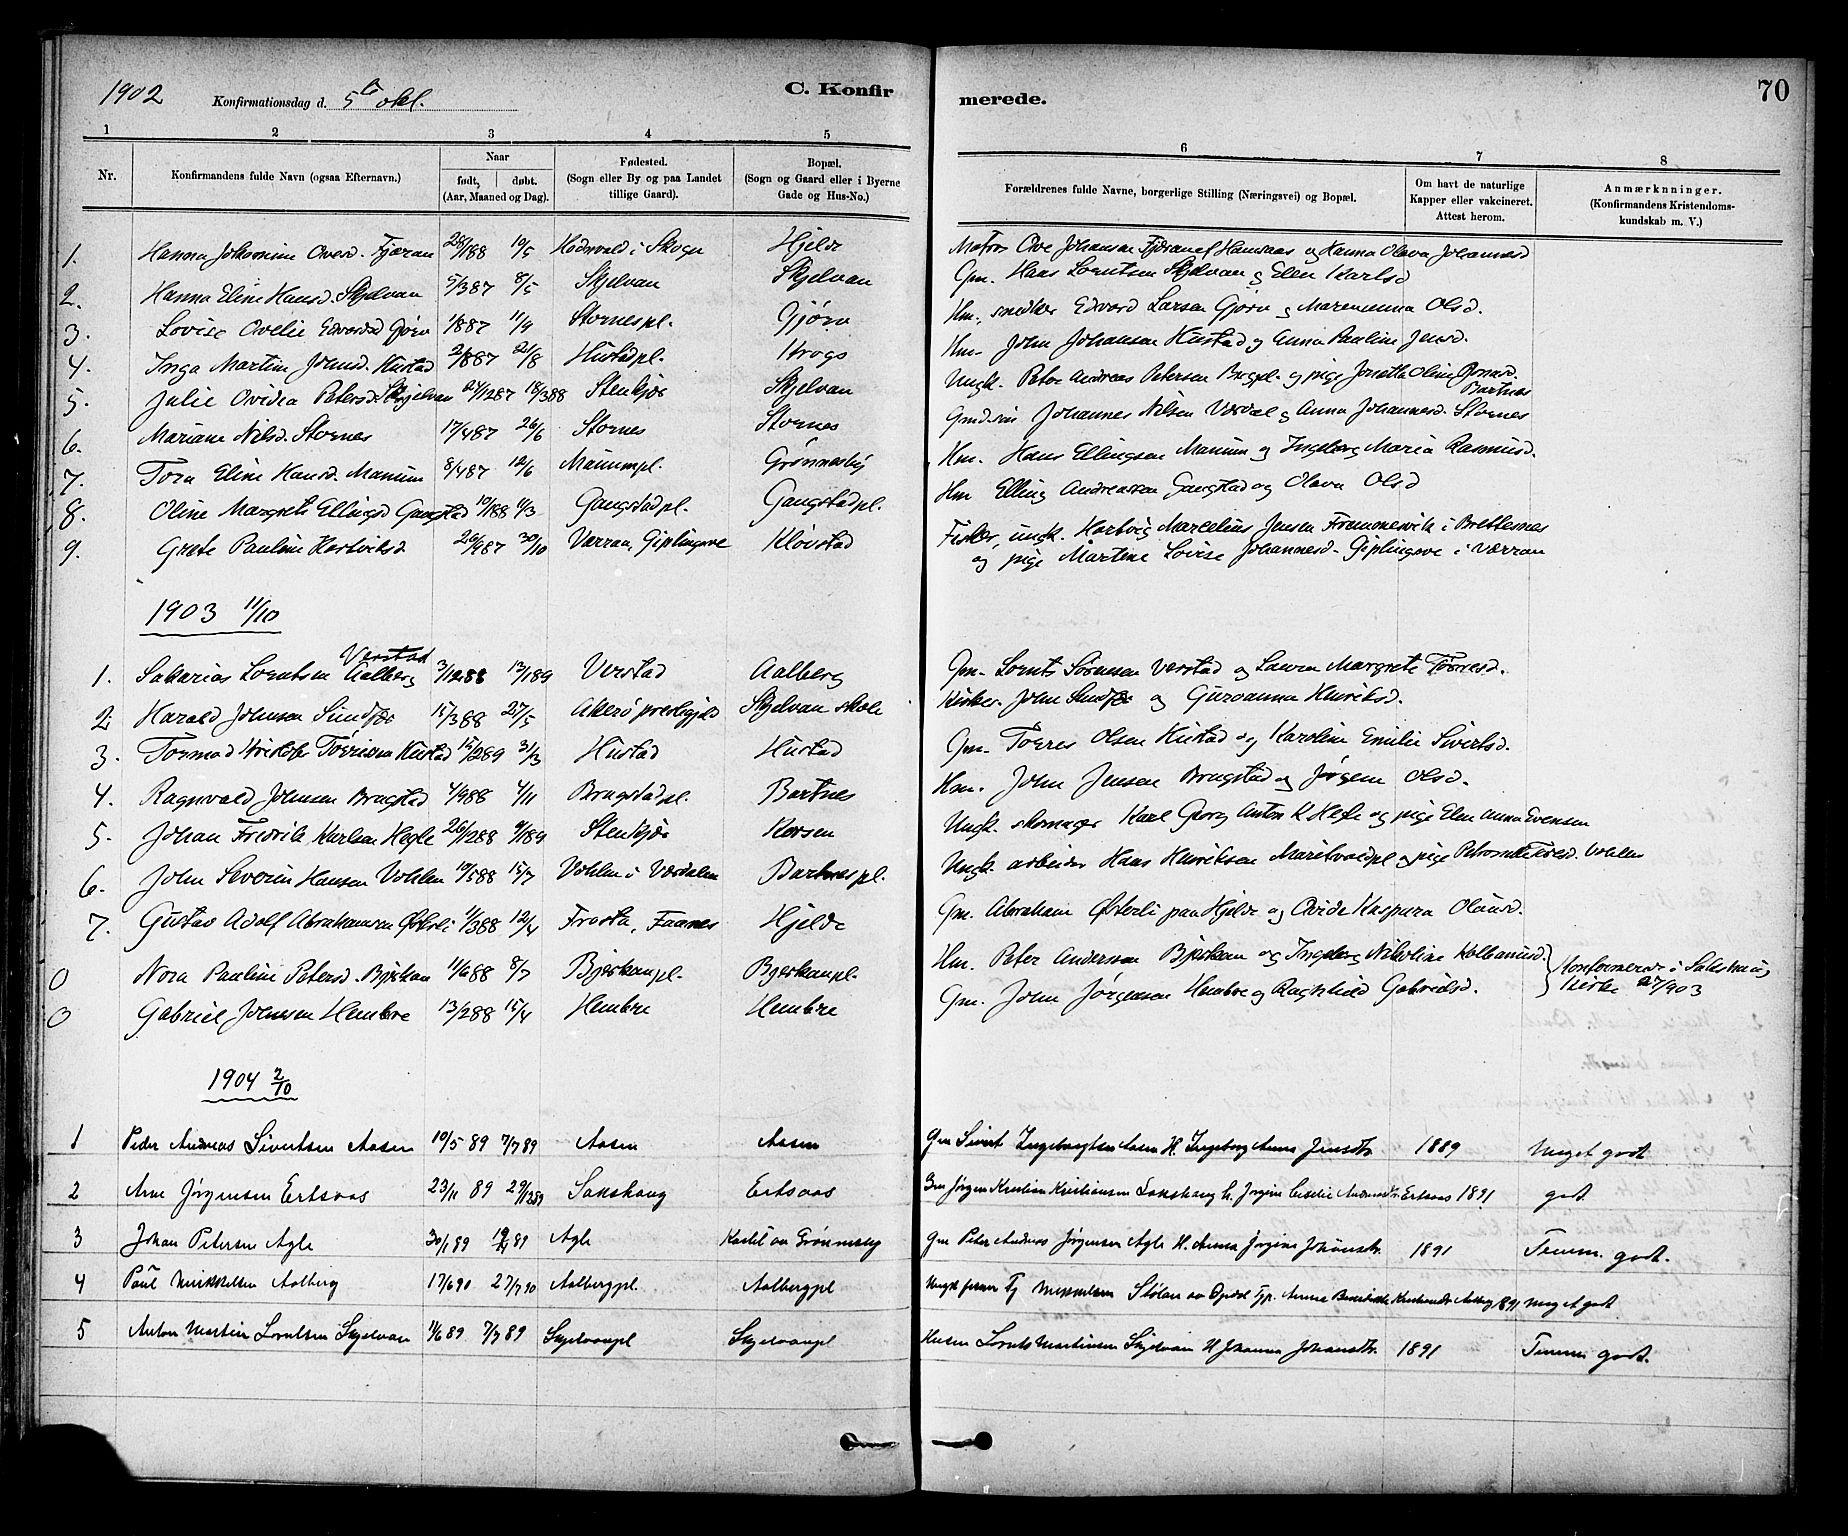 SAT, Ministerialprotokoller, klokkerbøker og fødselsregistre - Nord-Trøndelag, 732/L0318: Klokkerbok nr. 732C02, 1881-1911, s. 70